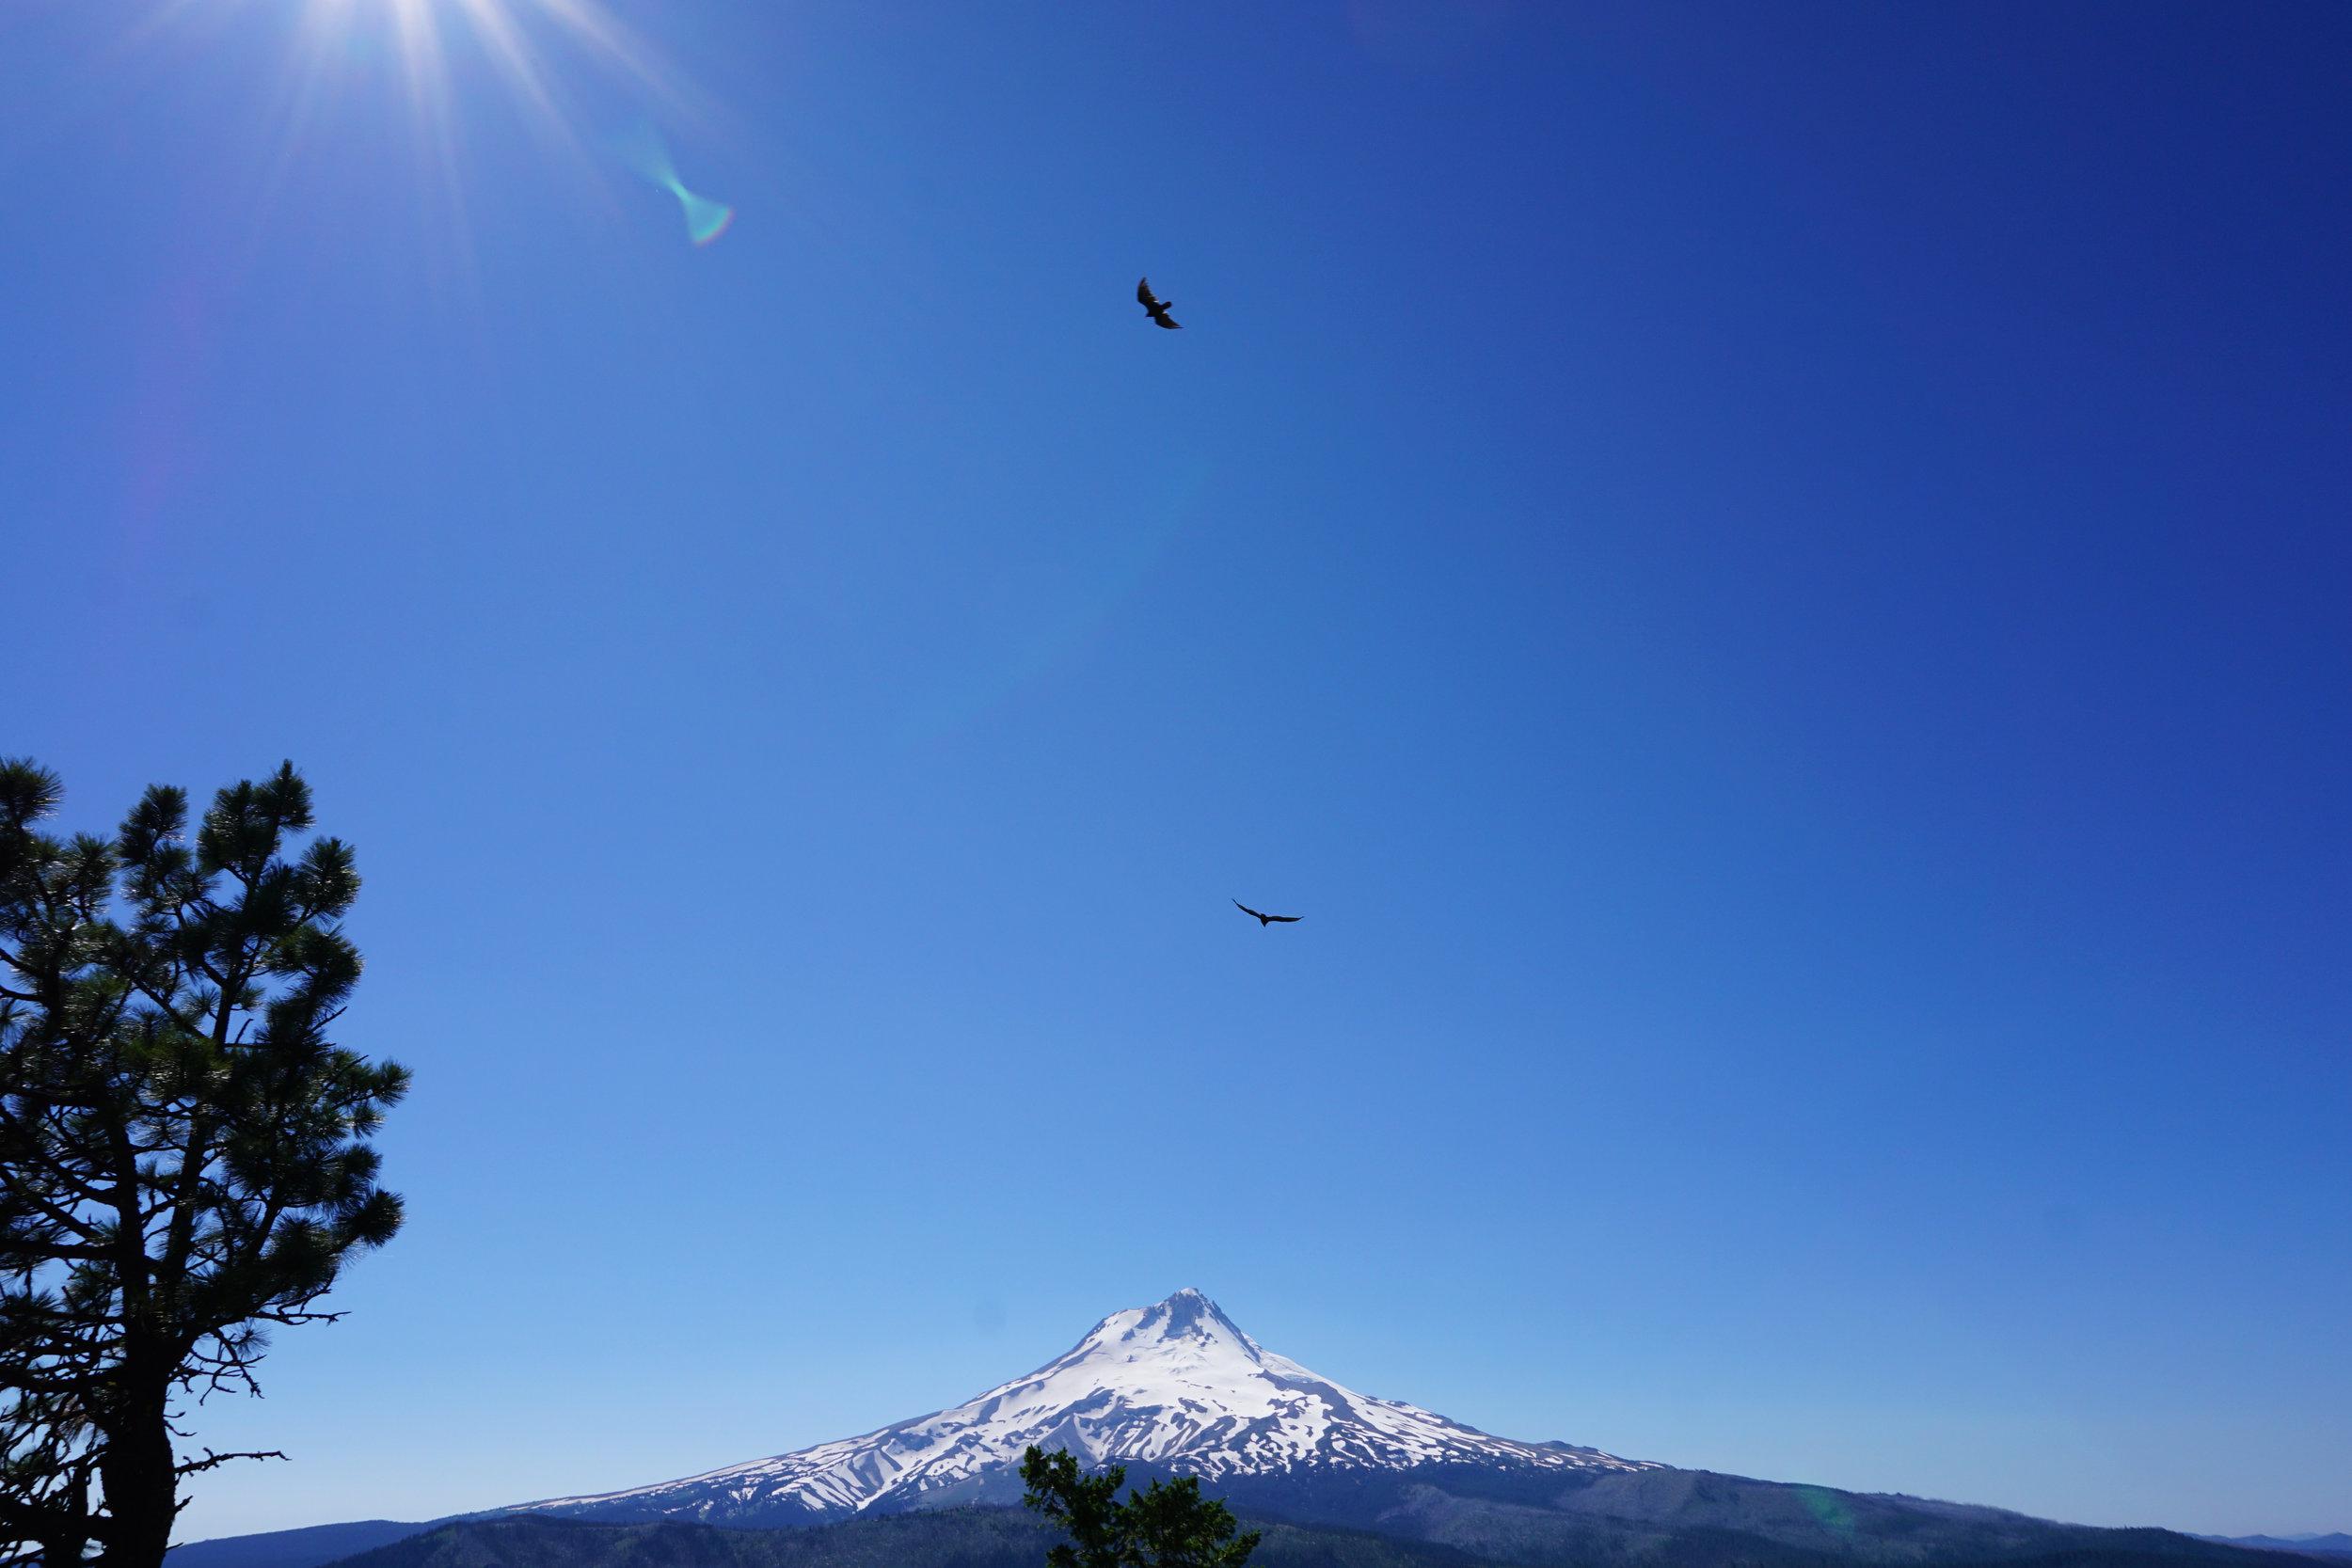 Floating above Mt. Hood